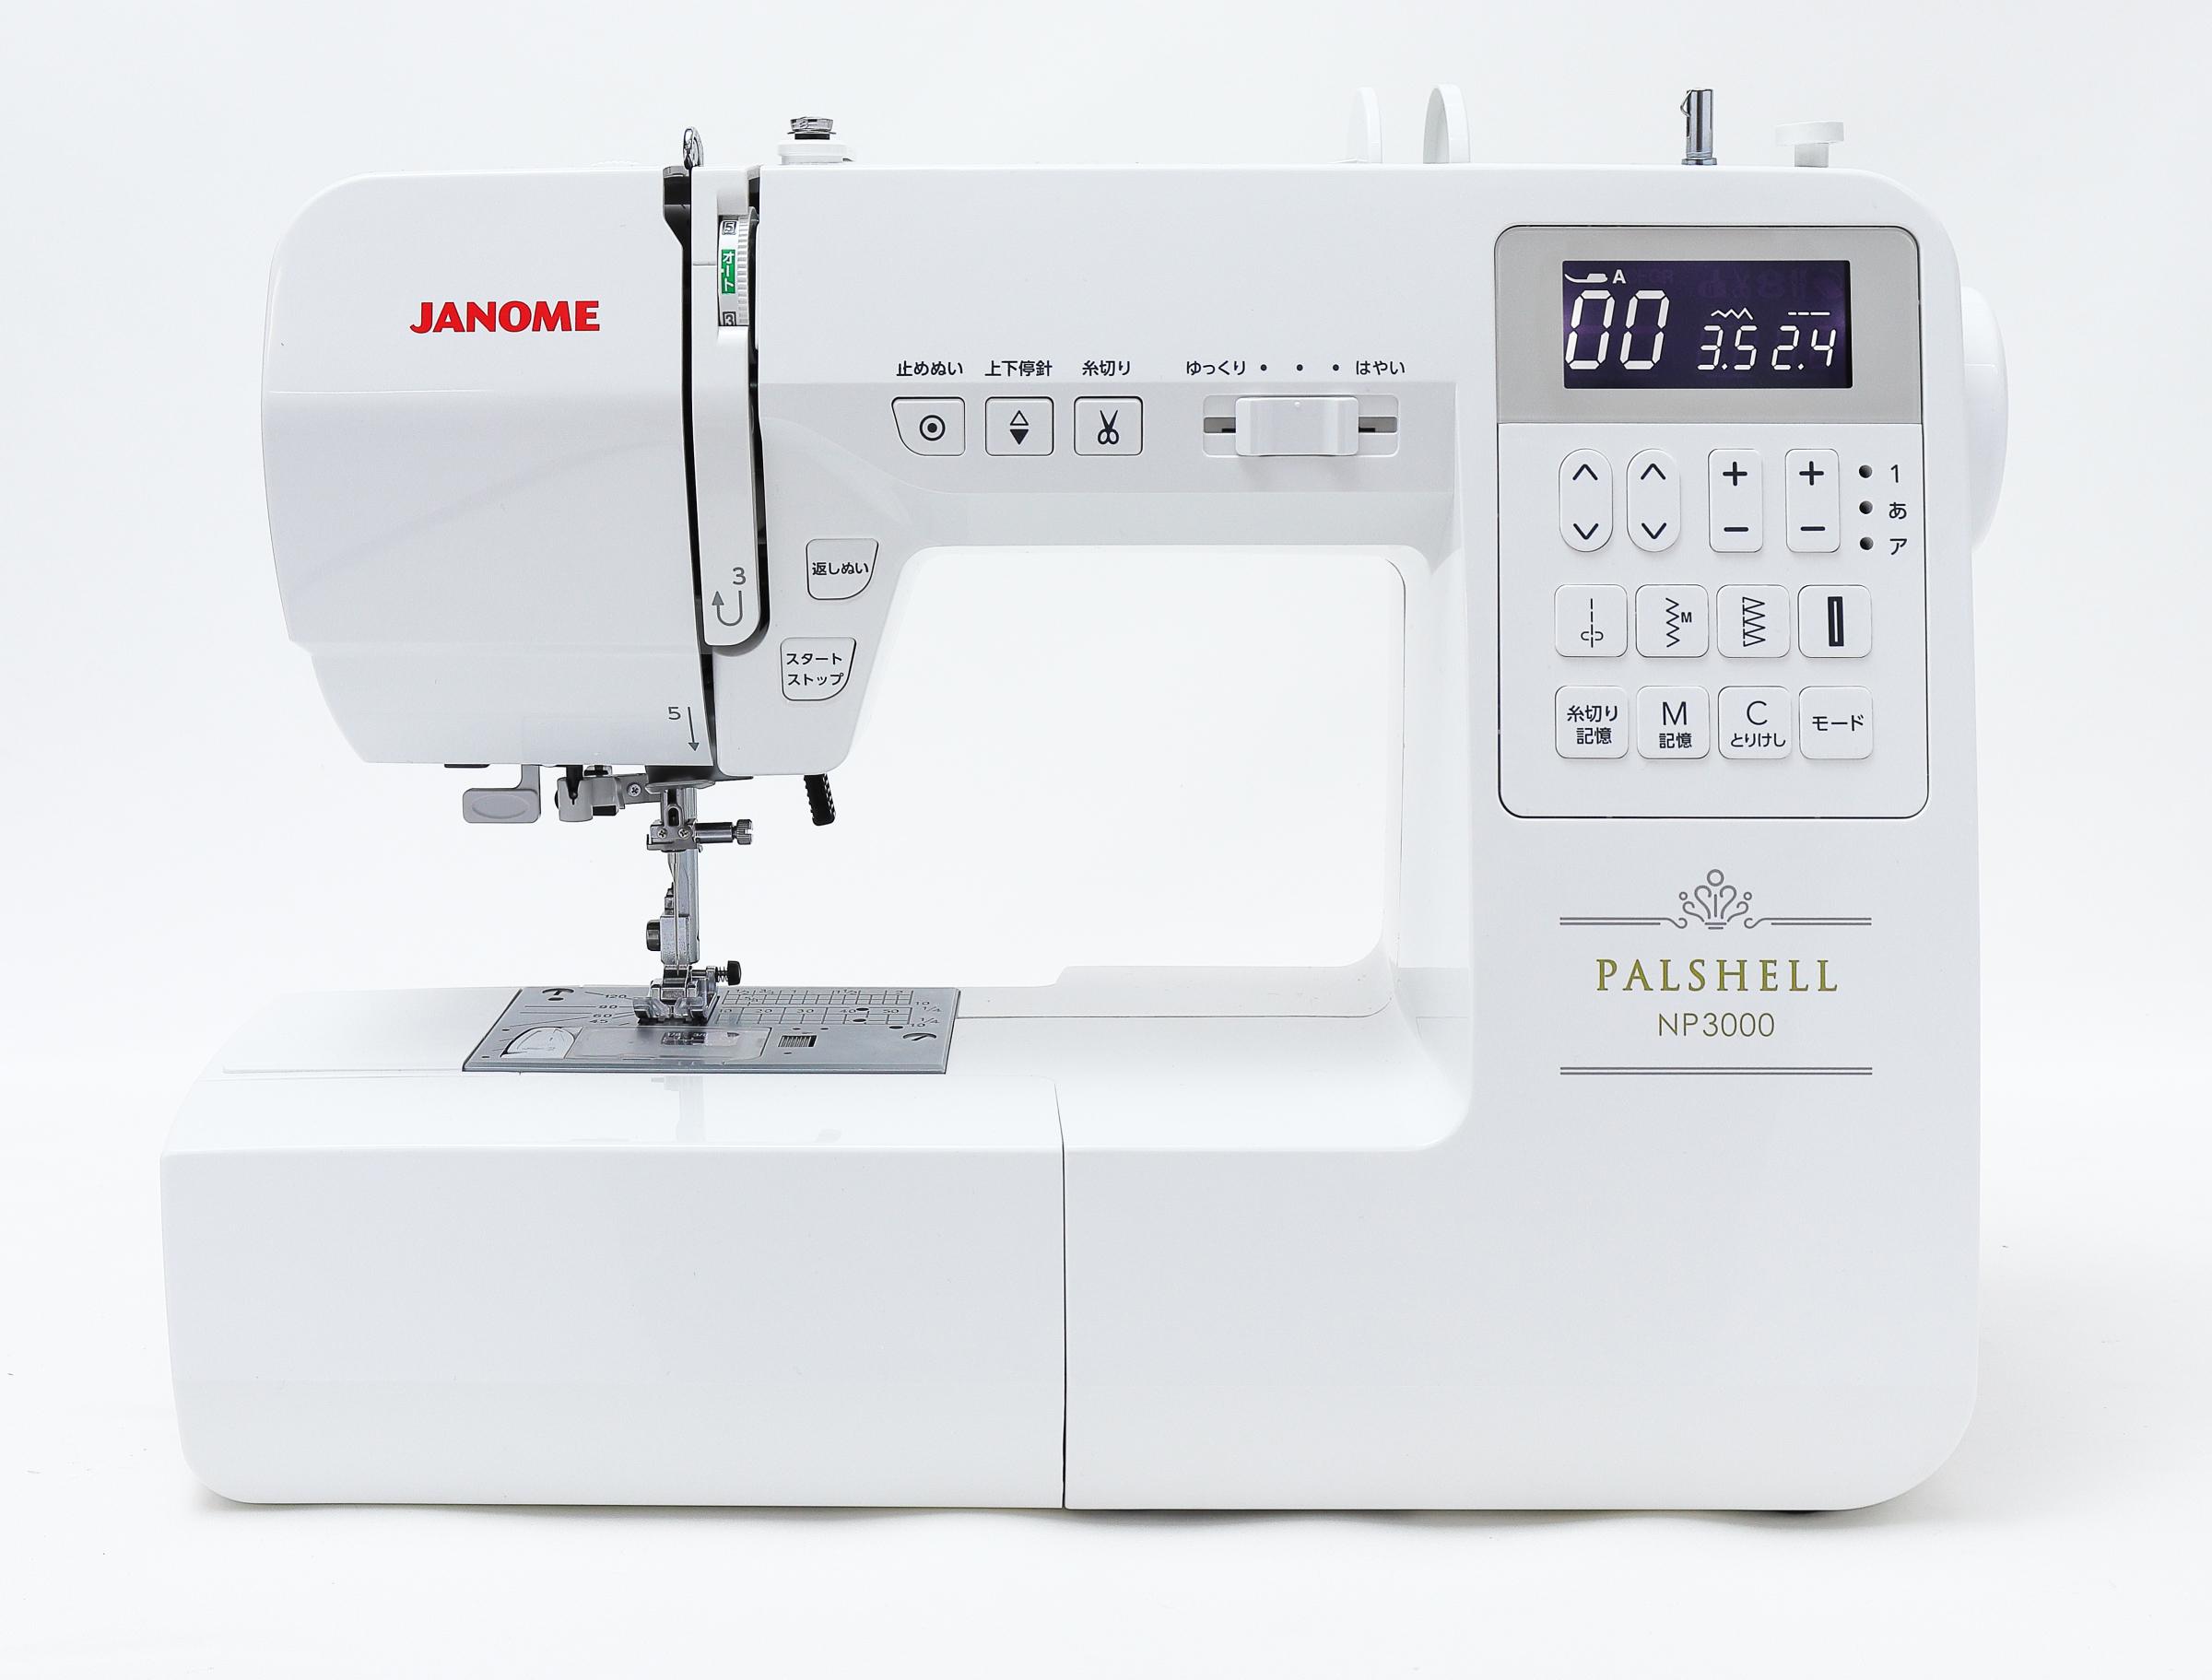 ジャノメ『パルシェルNP3000』